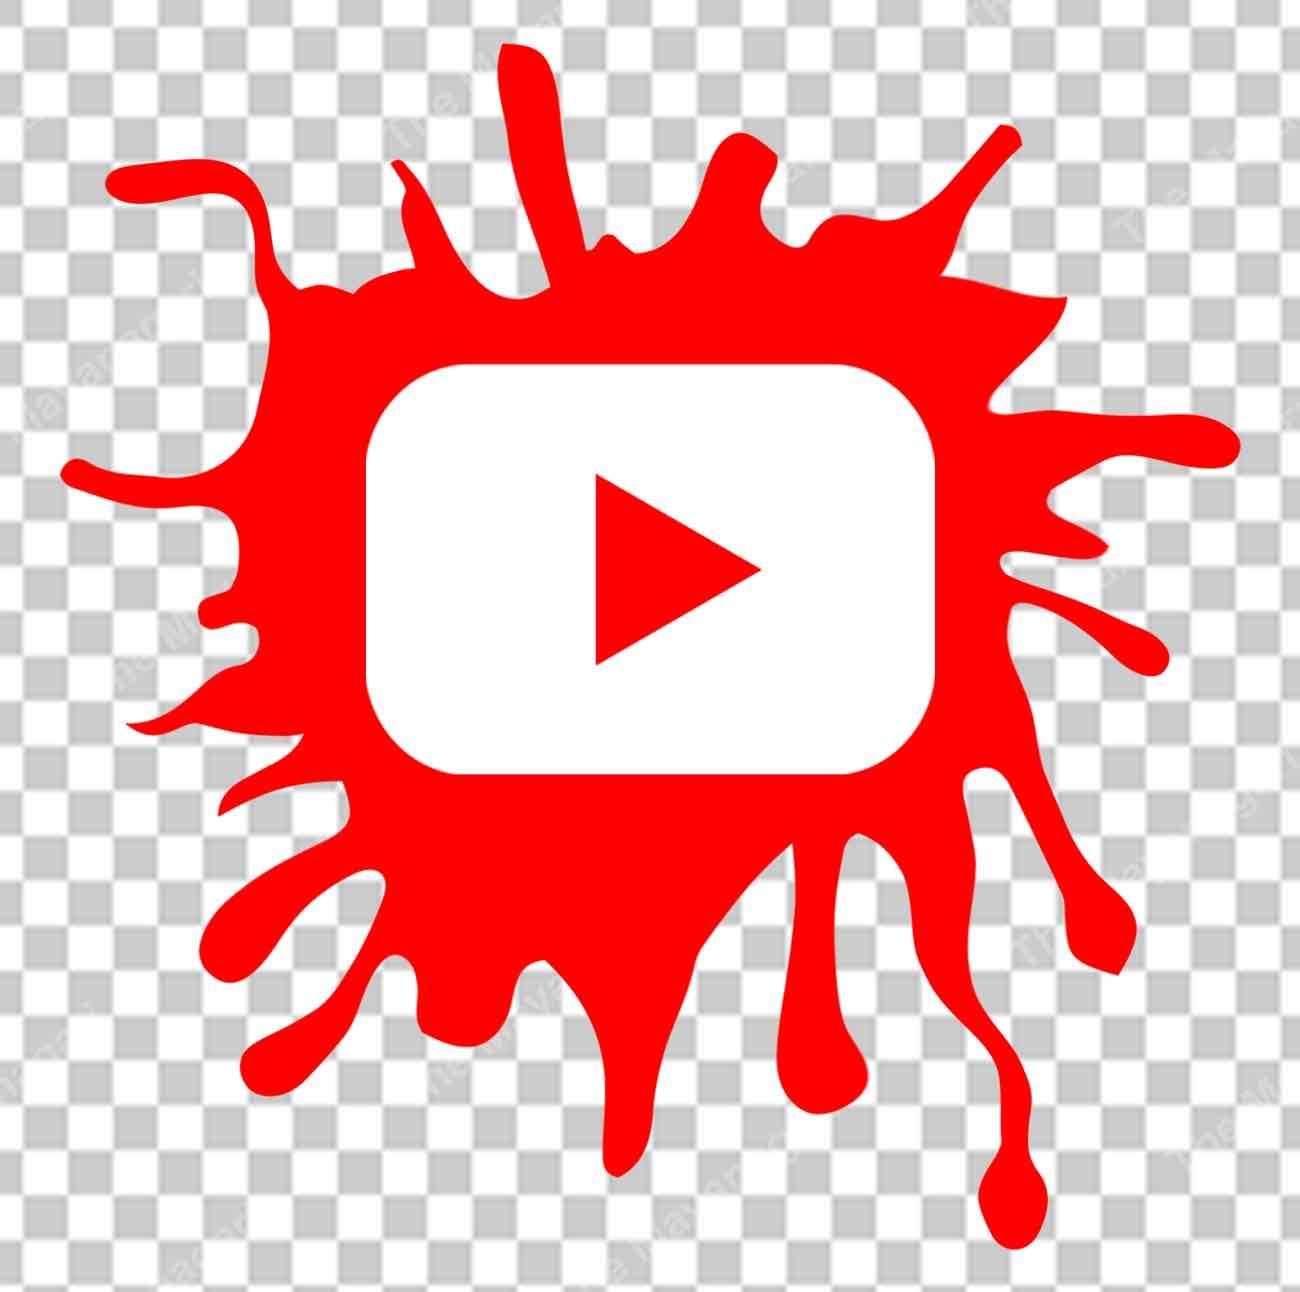 Youtube Splash Logo Png Free Download The Mayanagari